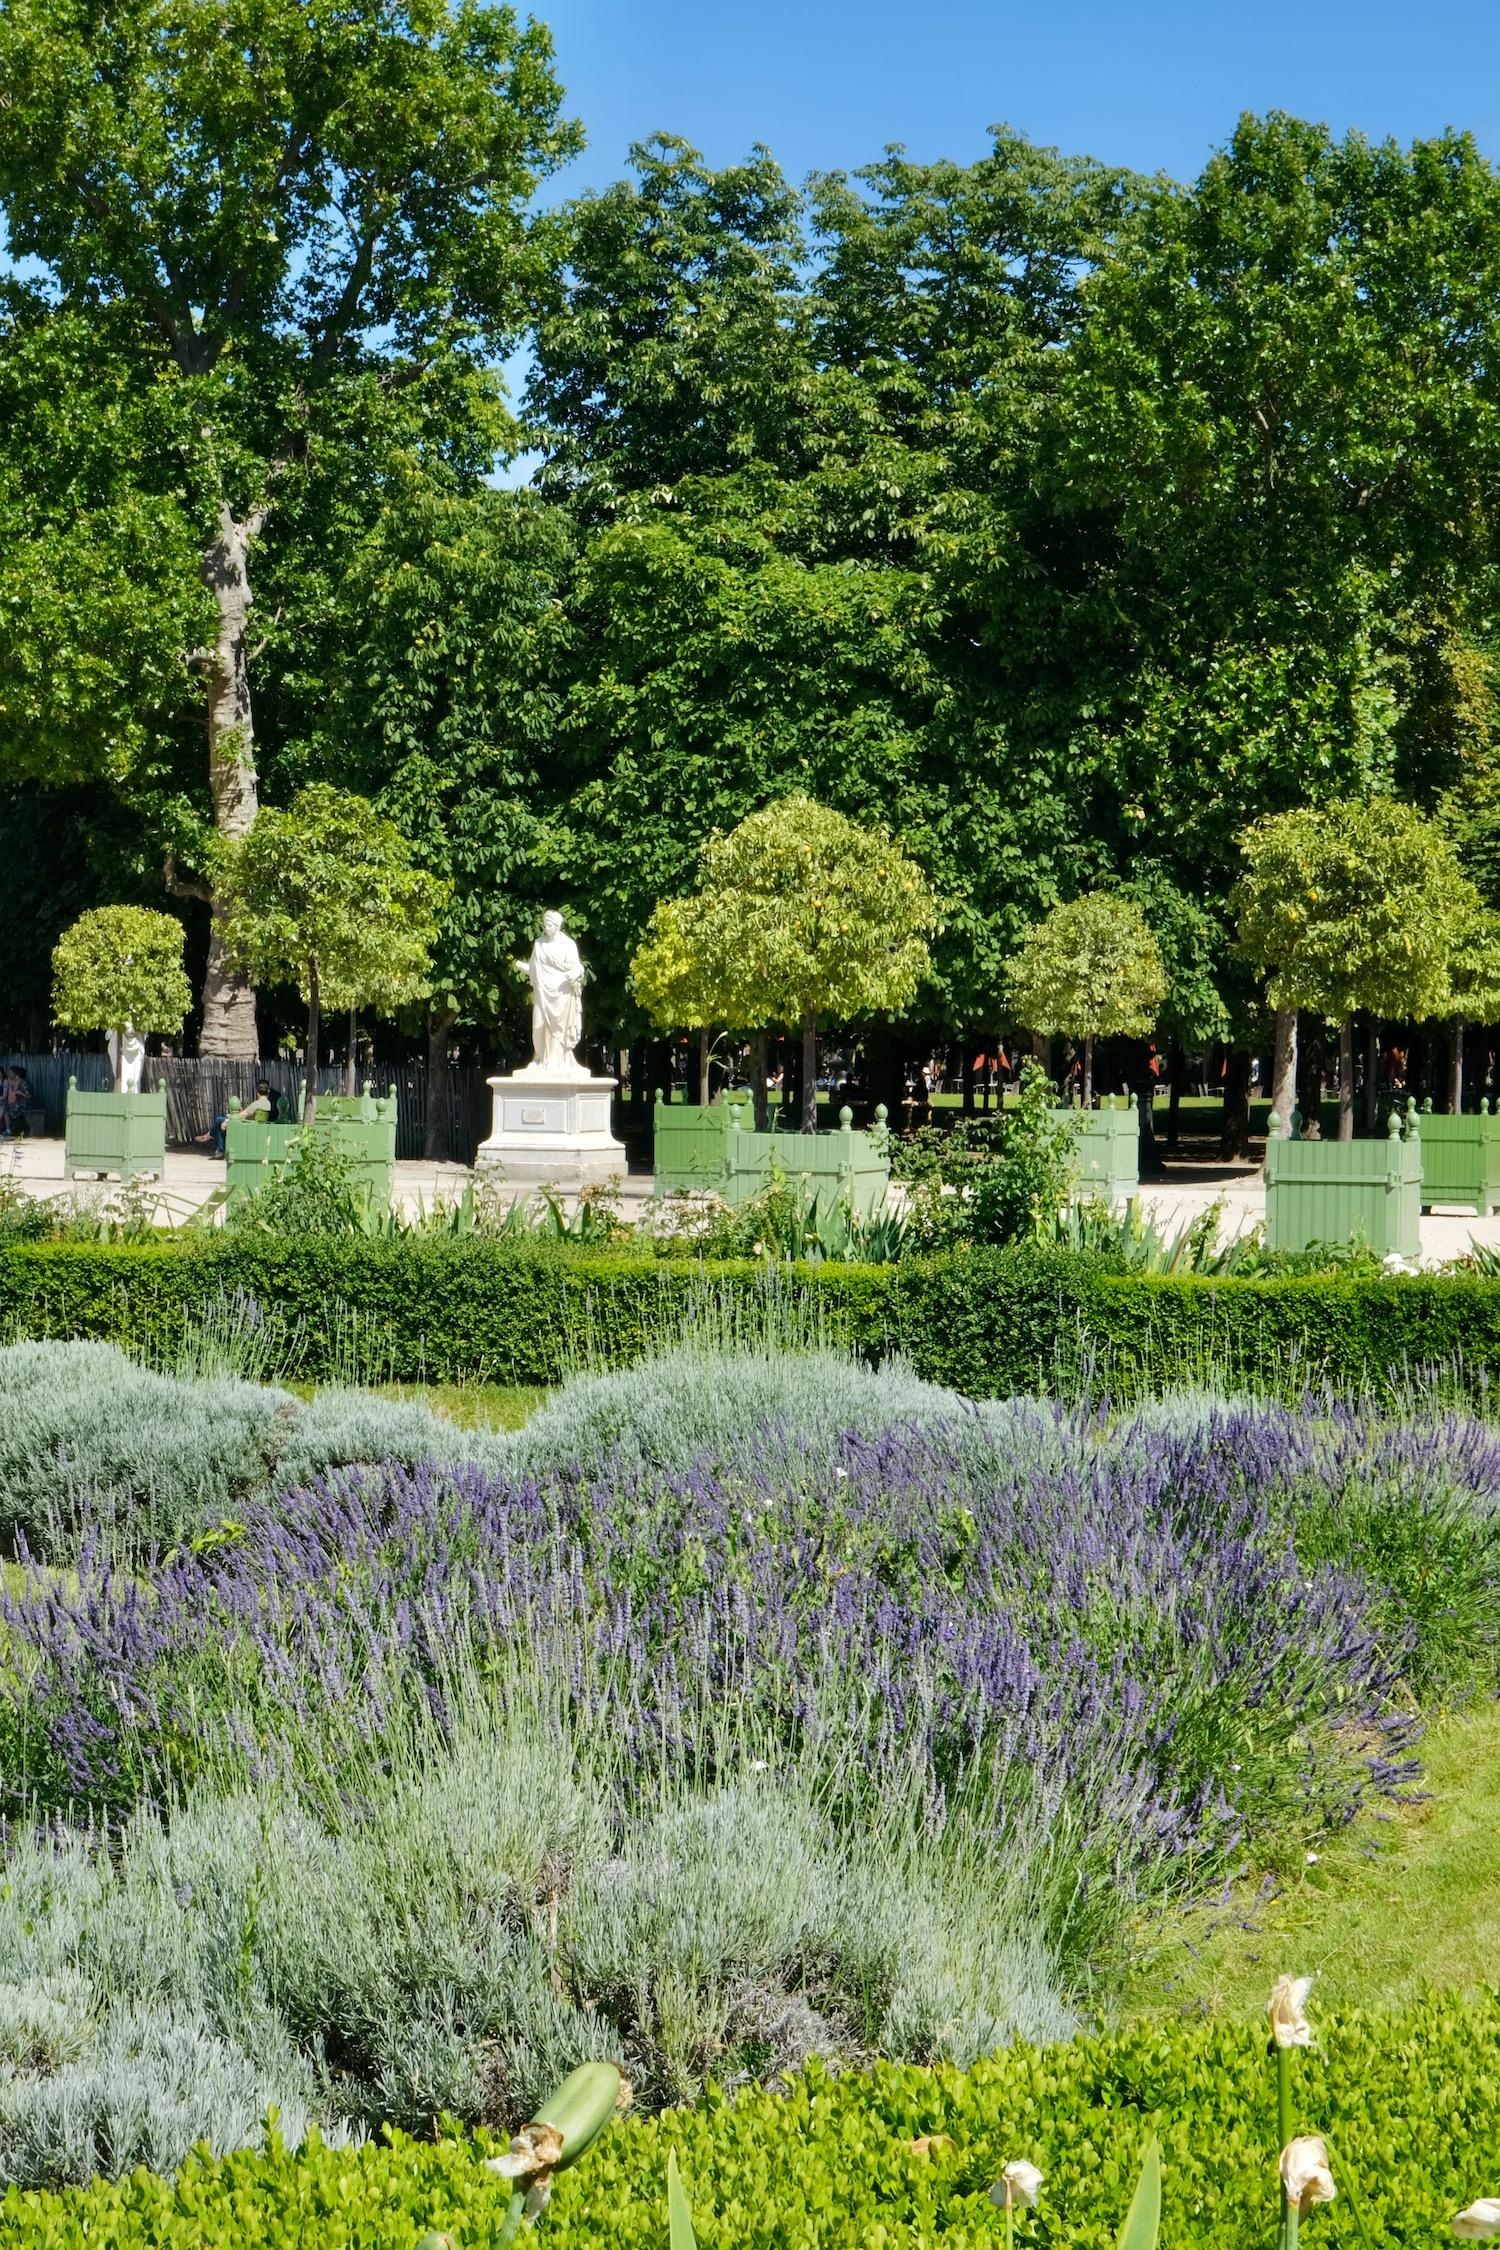 Provence in Paris